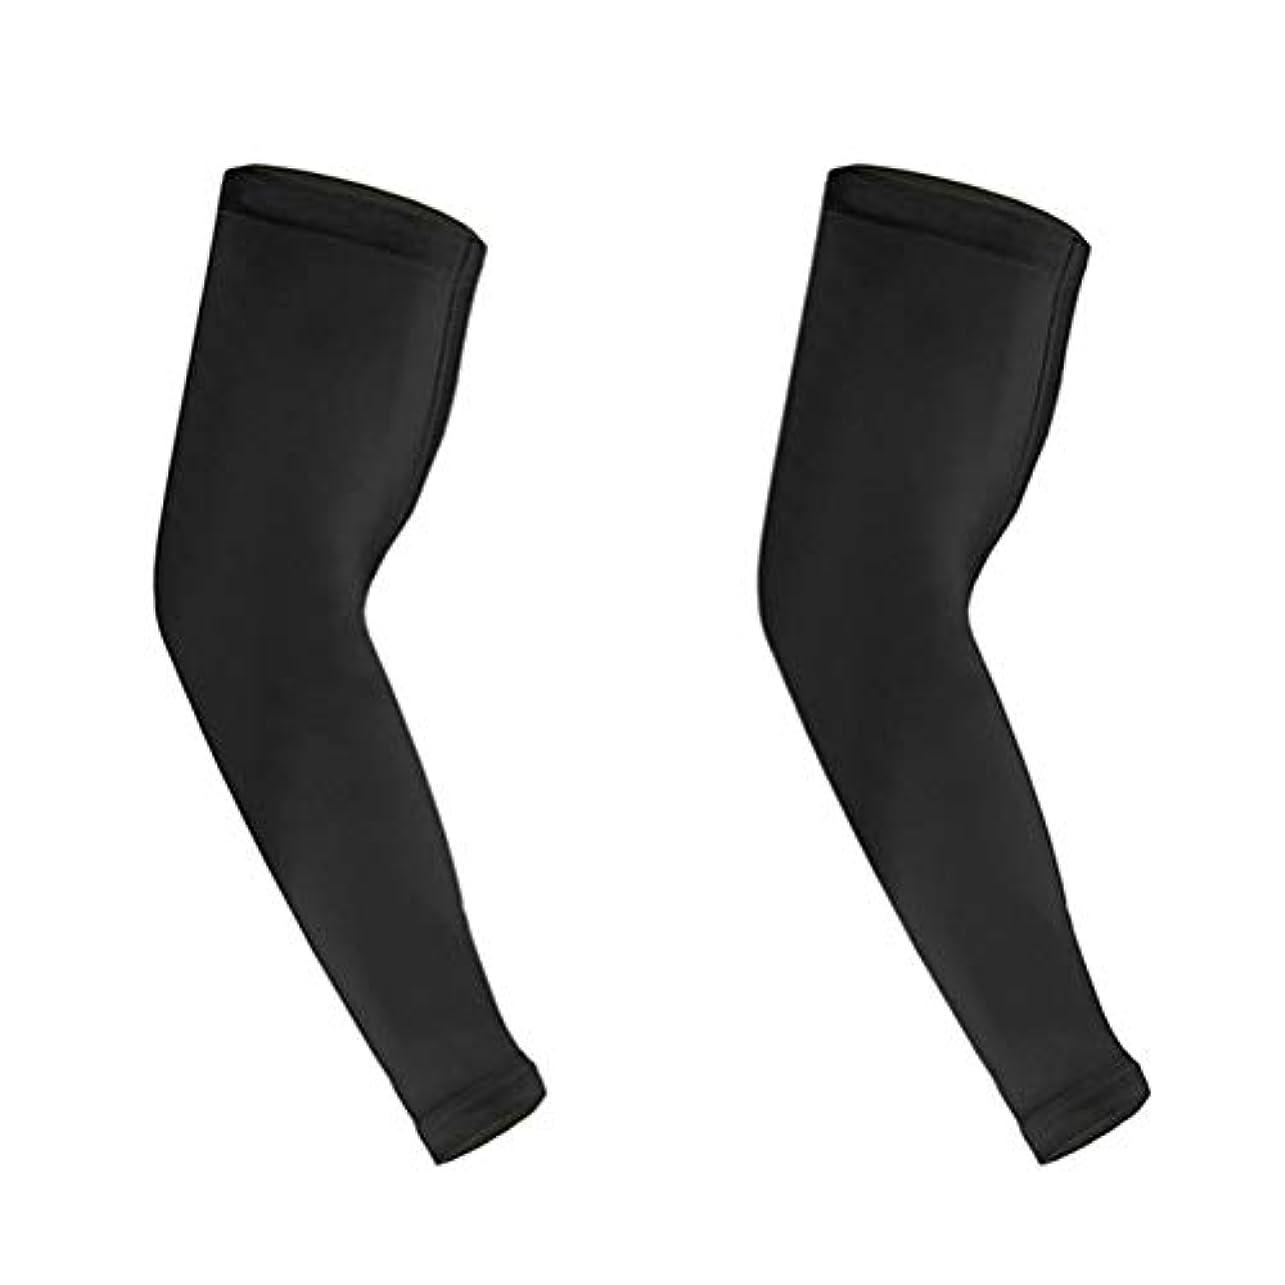 準備したホステルかんがいHEALIFTY 男性用スポーツアームスリーブ肘袖ロング肘サポートスリーブM 2本(ブラック)